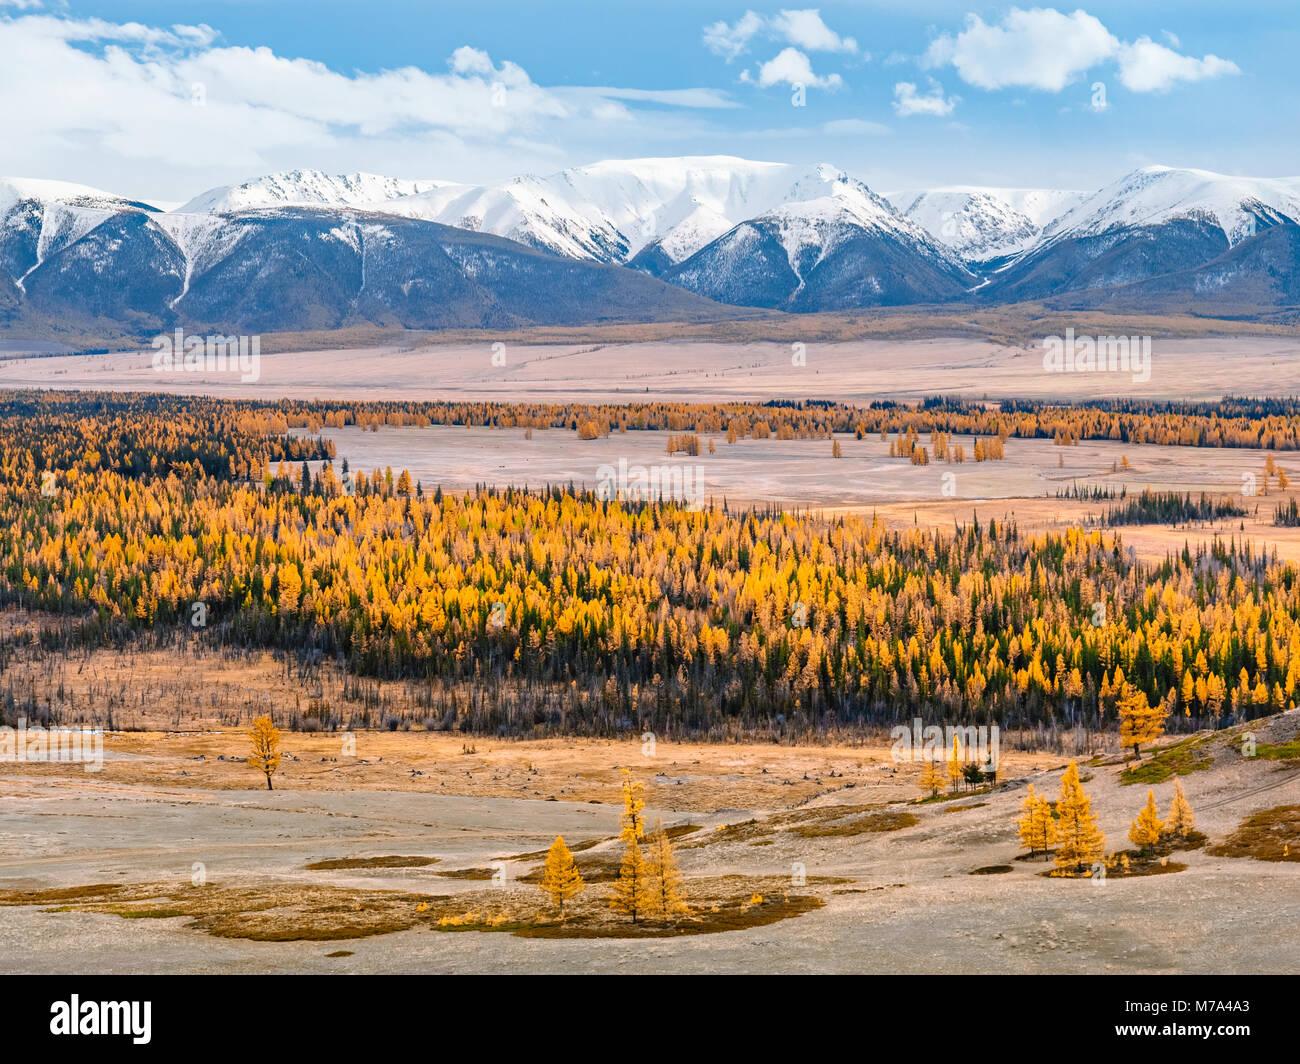 Vue imprenable sur une vaste vallée, pleine de mélèzes jaune, avec une montagne en arrière-plan. L'automne à son Banque D'Images